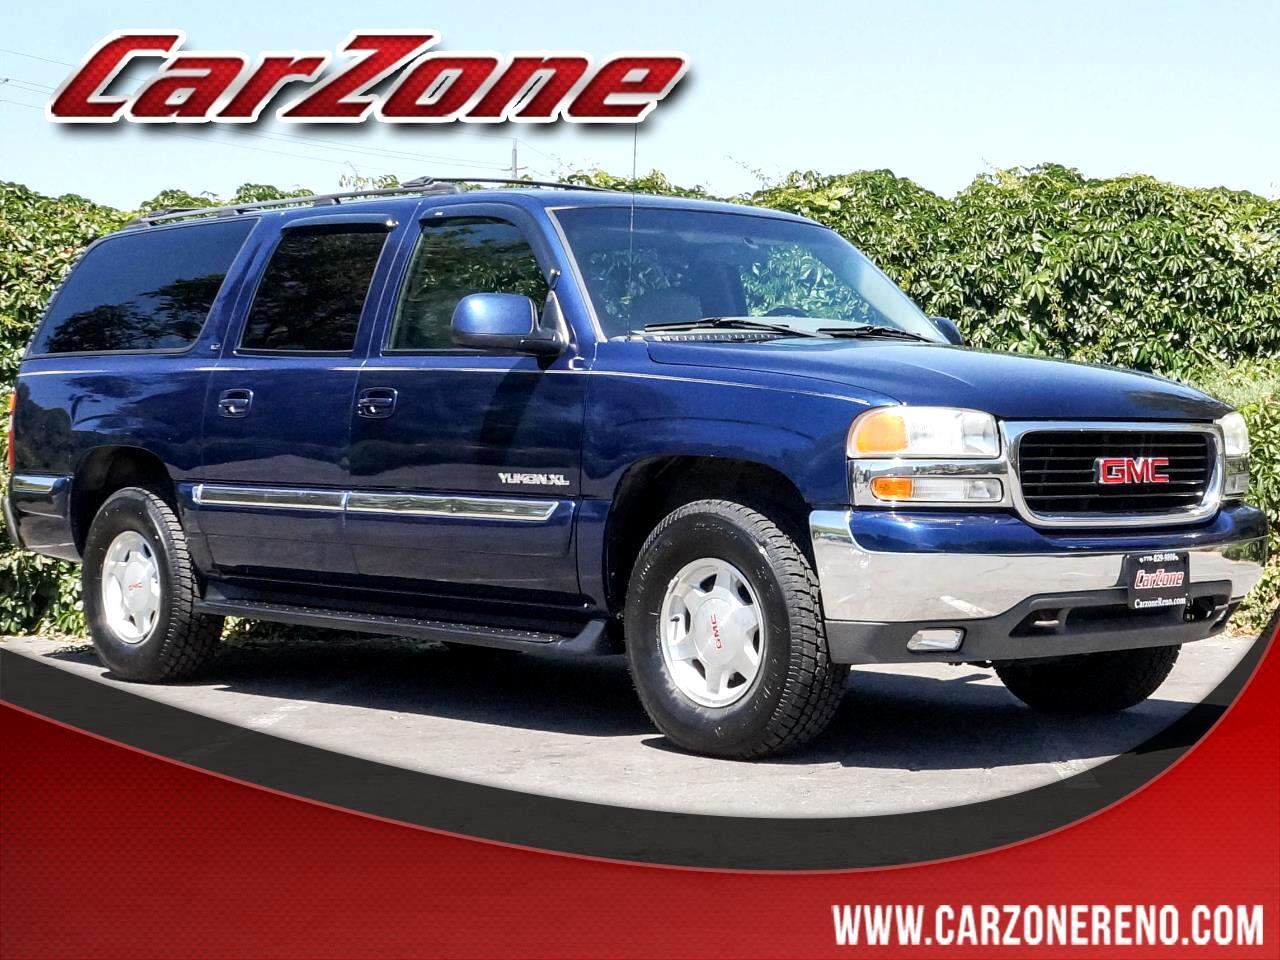 2000 GMC Yukon XL 1500 4WD SLT